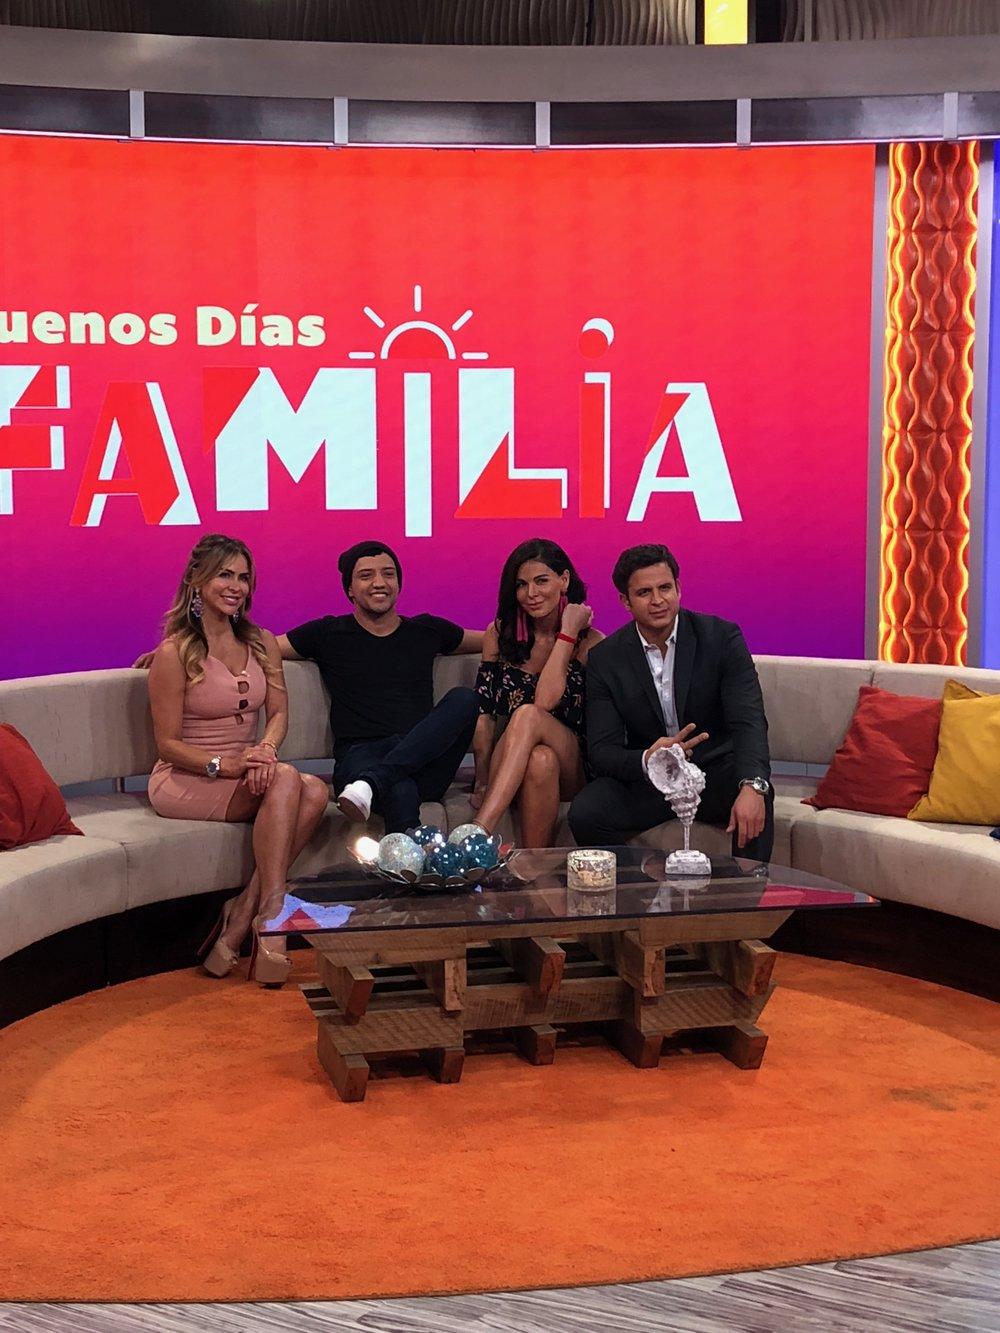 Estrella TV (Los Angeles, CA)